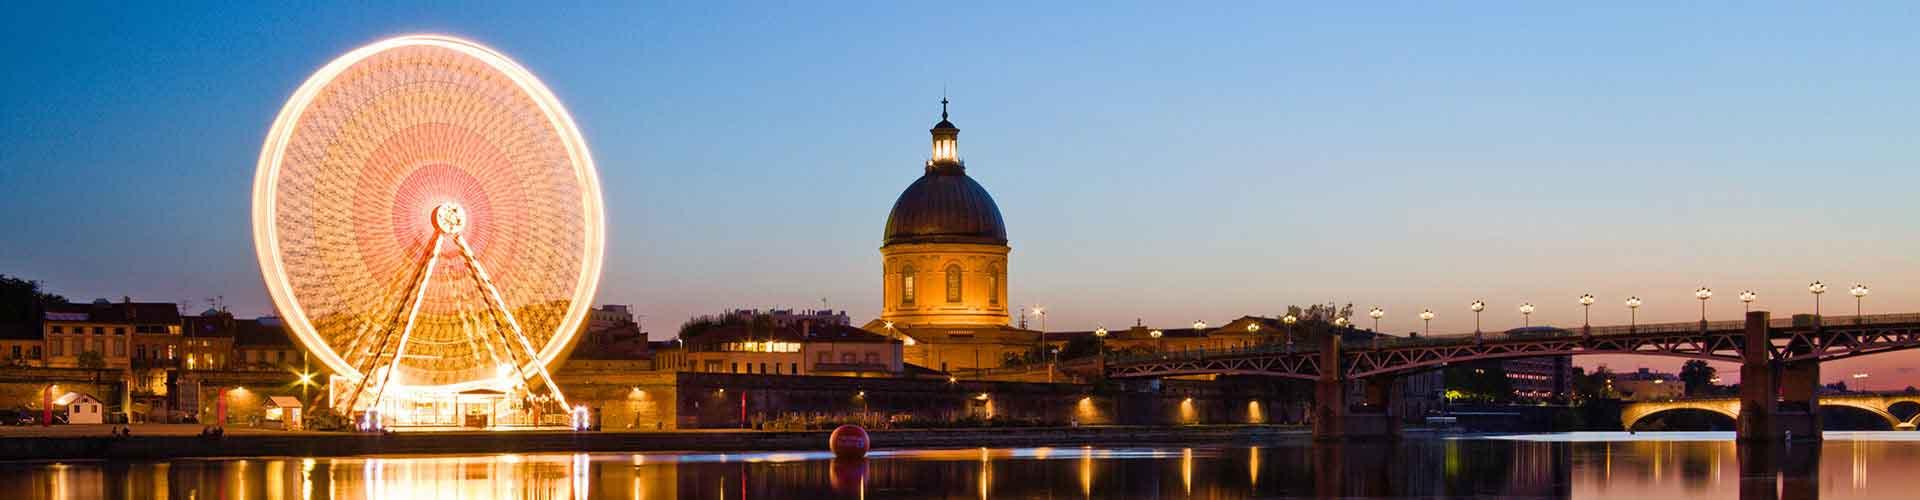 Toulouse - Hostales en Toulouse. Mapas de Toulouse, Fotos y comentarios de cada Hostal en Toulouse.